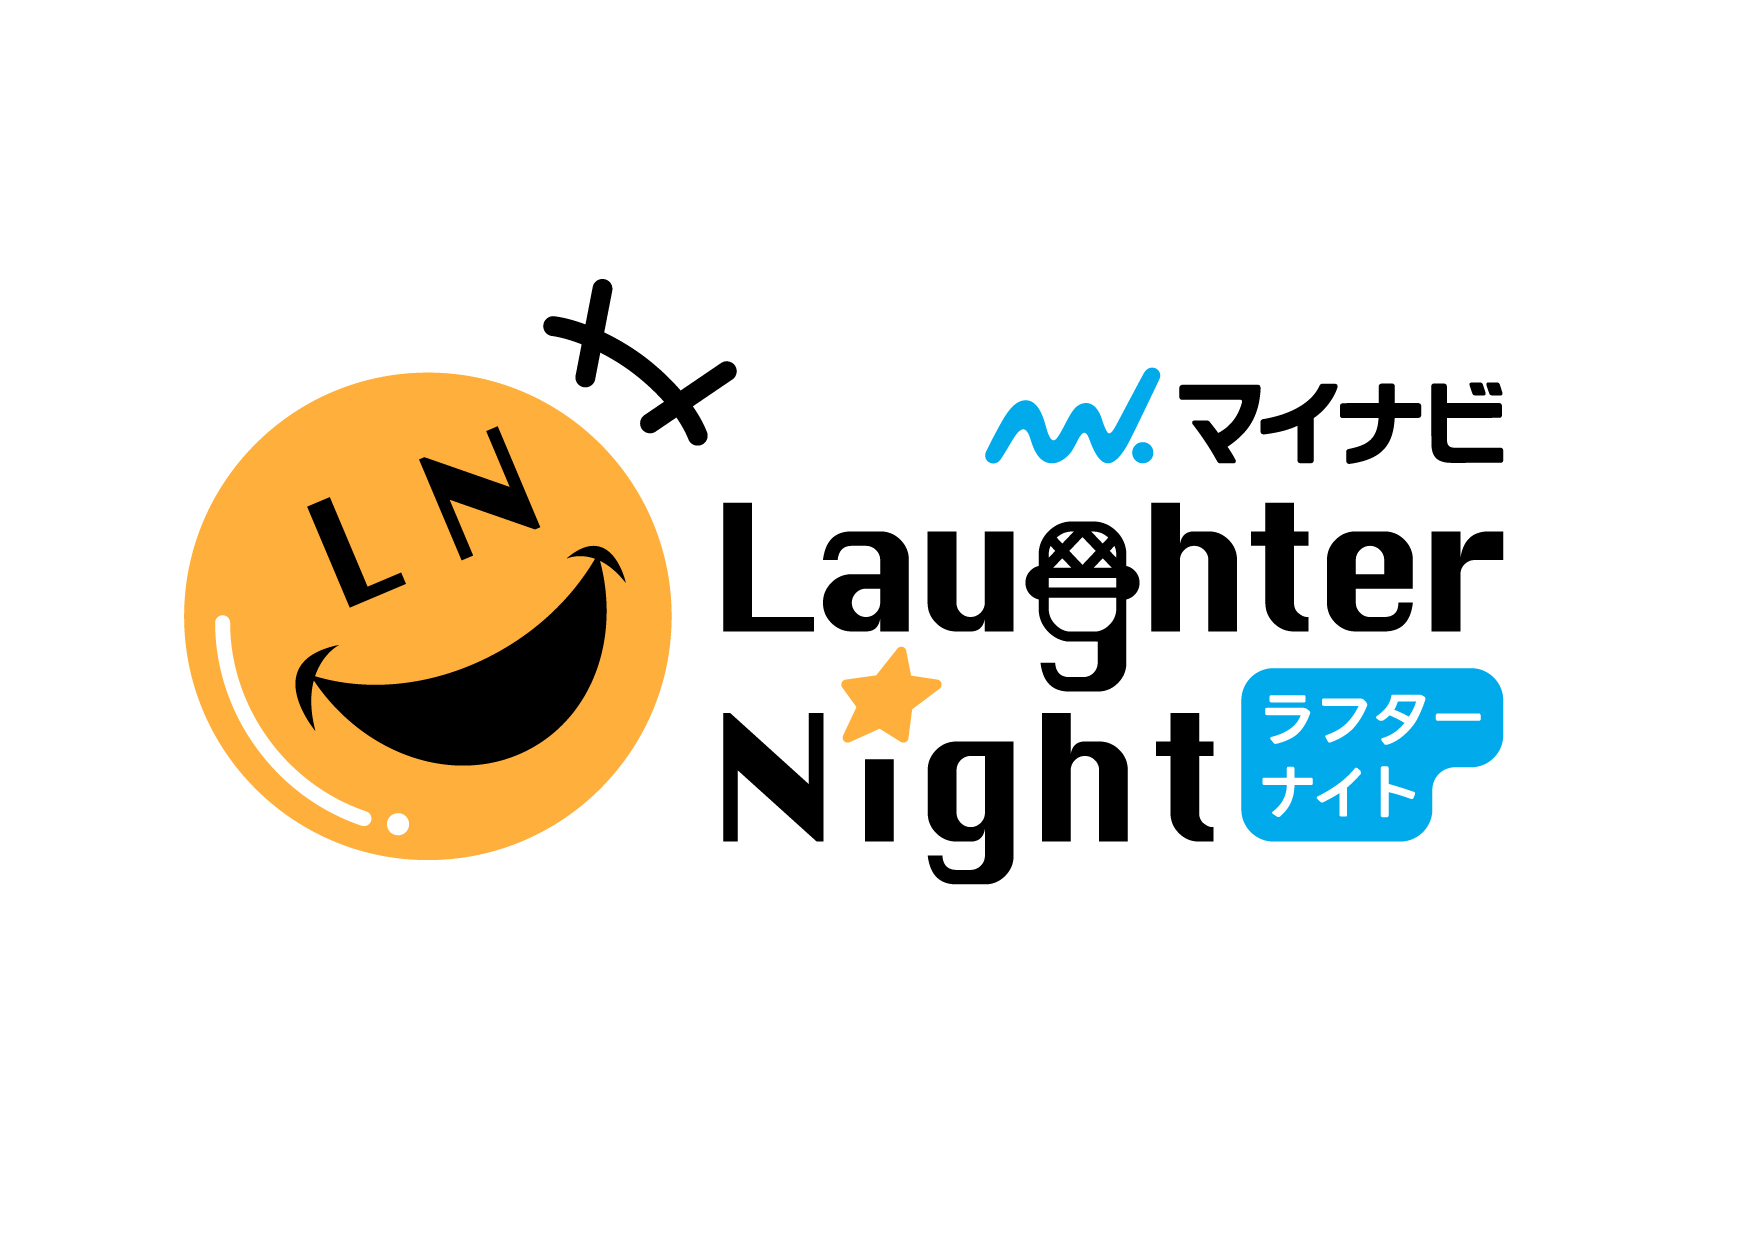 マイナビ Laughter Night オンエア争奪ライブ(公開録音)<8月>